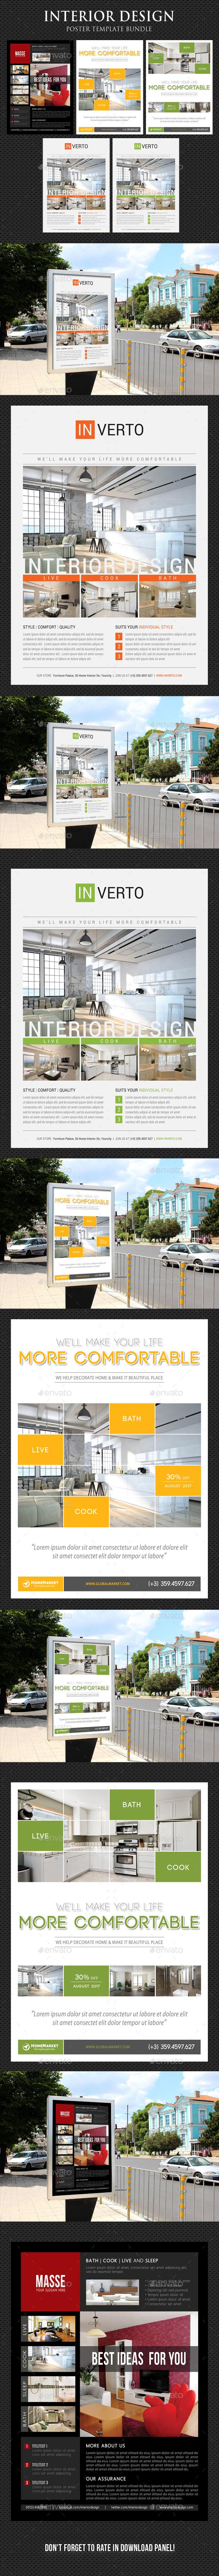 3 in 1 Interior Design Poster Bundle V04 - Signage Print Templates